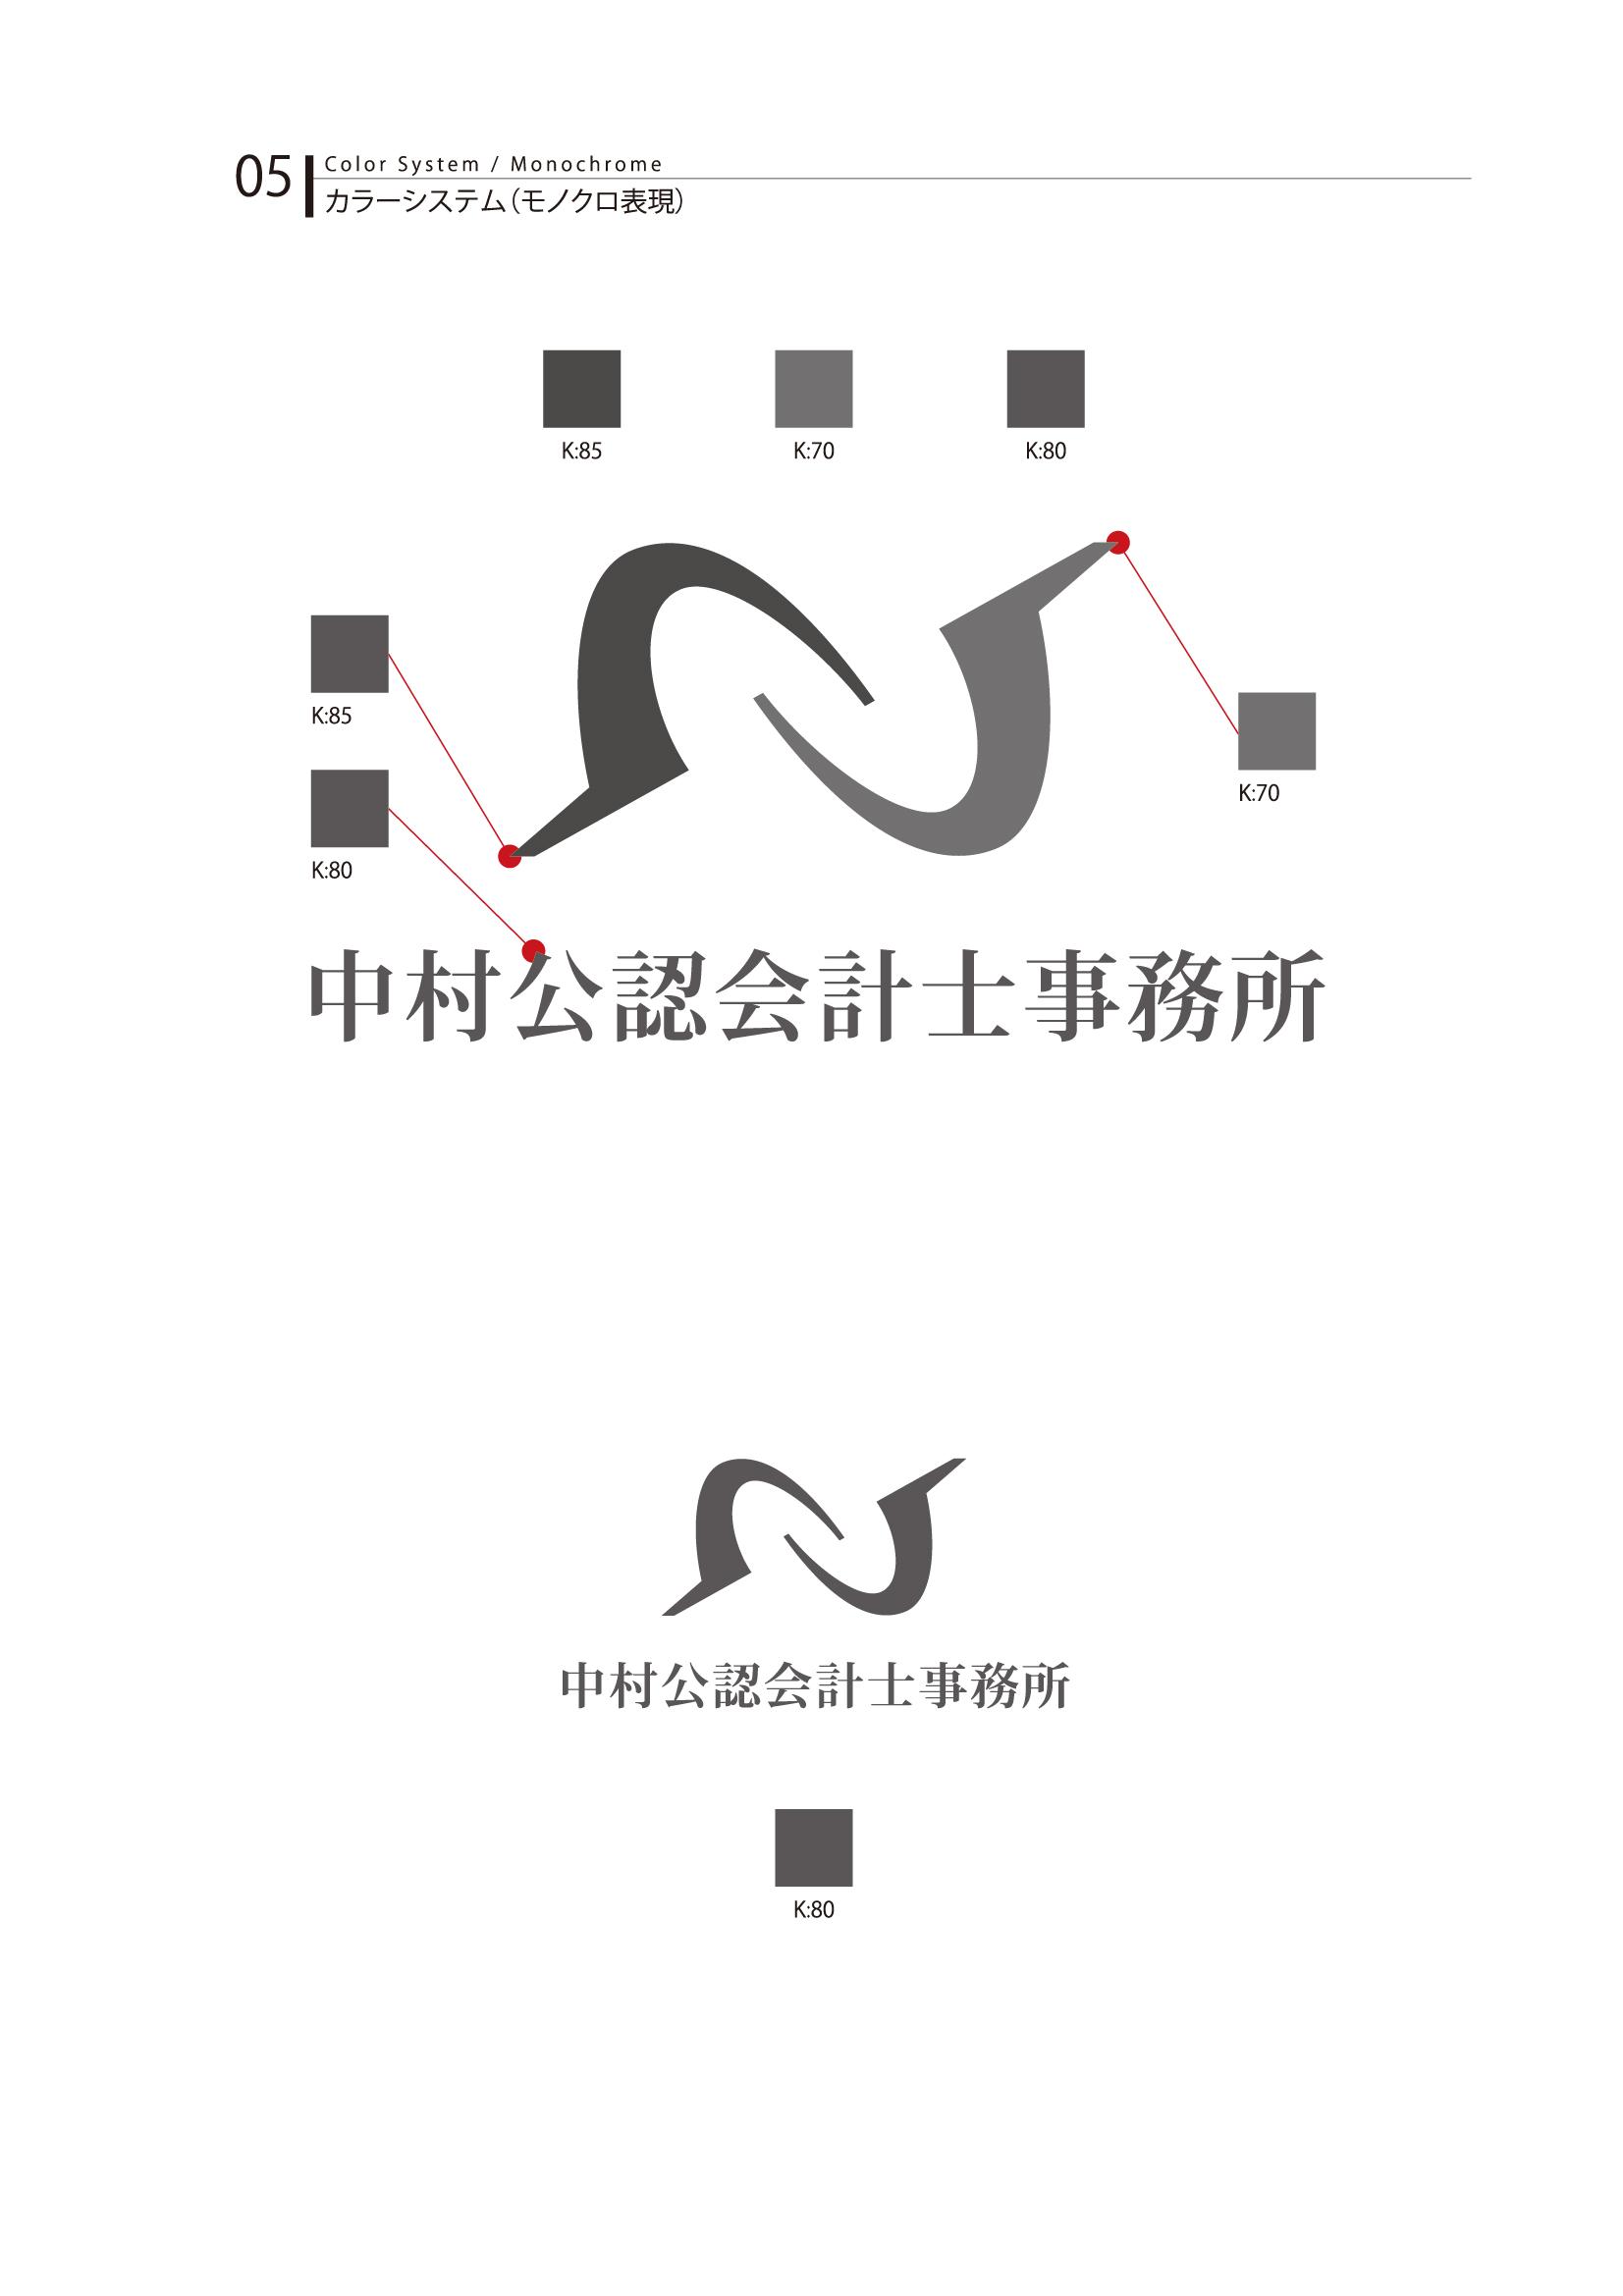 ロゴ モノクロ表現